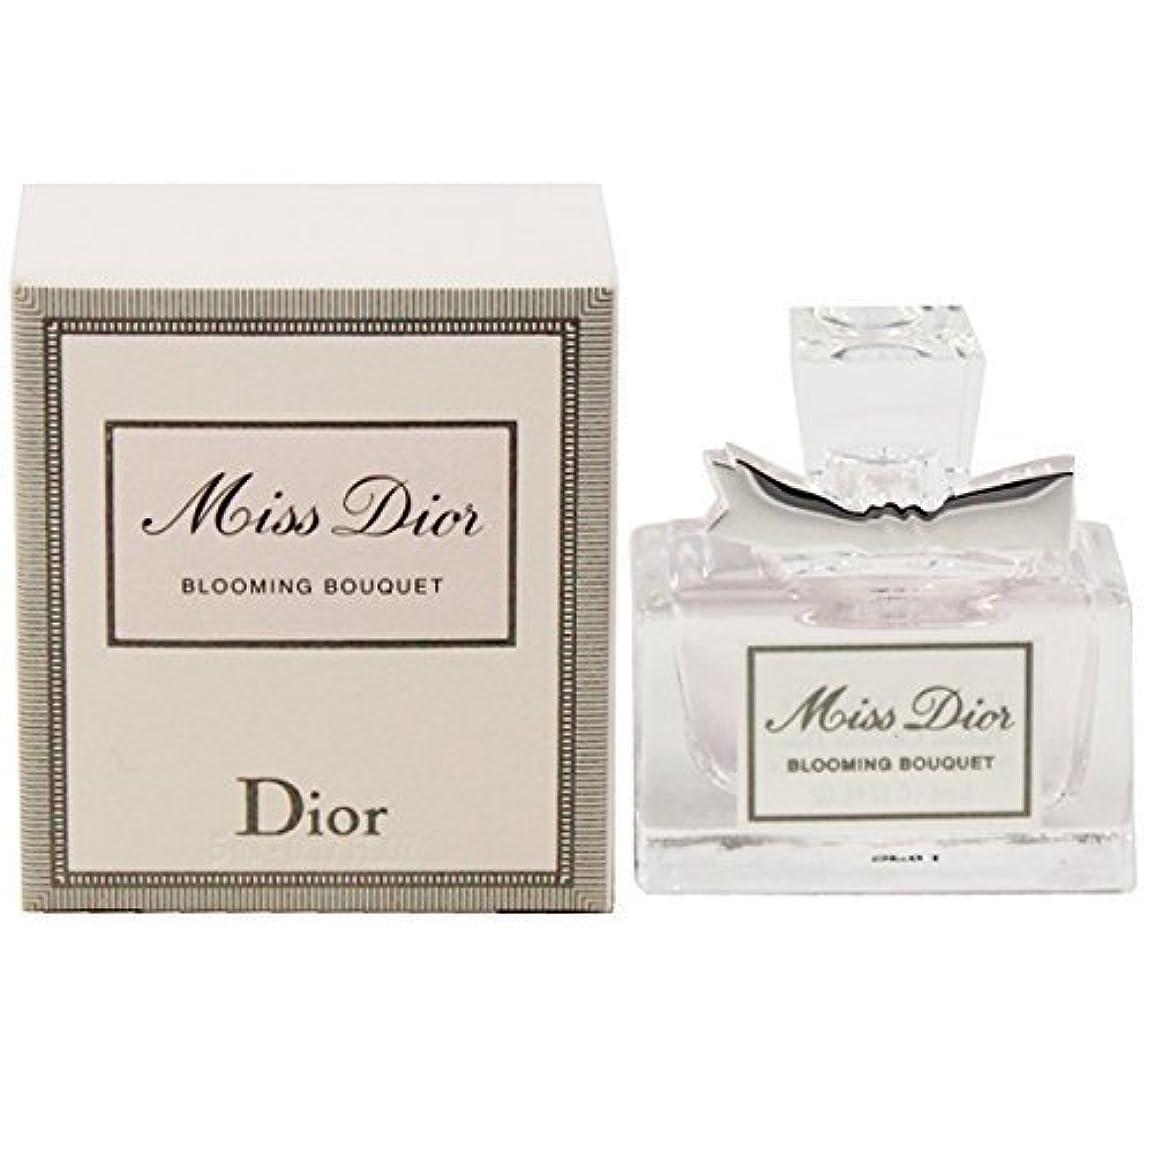 悪質な非常に怒っていますヒントクリスチャン ディオール(Christian Dior) ミス ディオール ブルーミングブーケEDT?BT 5ml[並行輸入品]